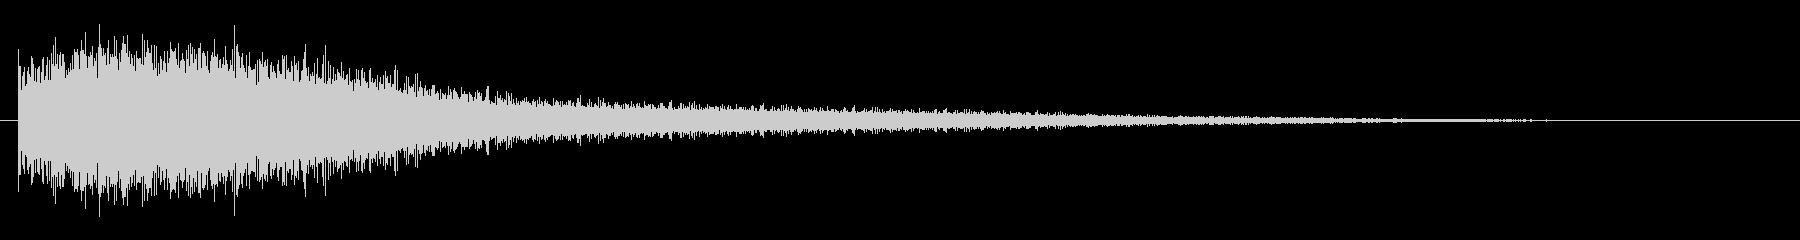 機械 アトナルリズムライザーショート02の未再生の波形